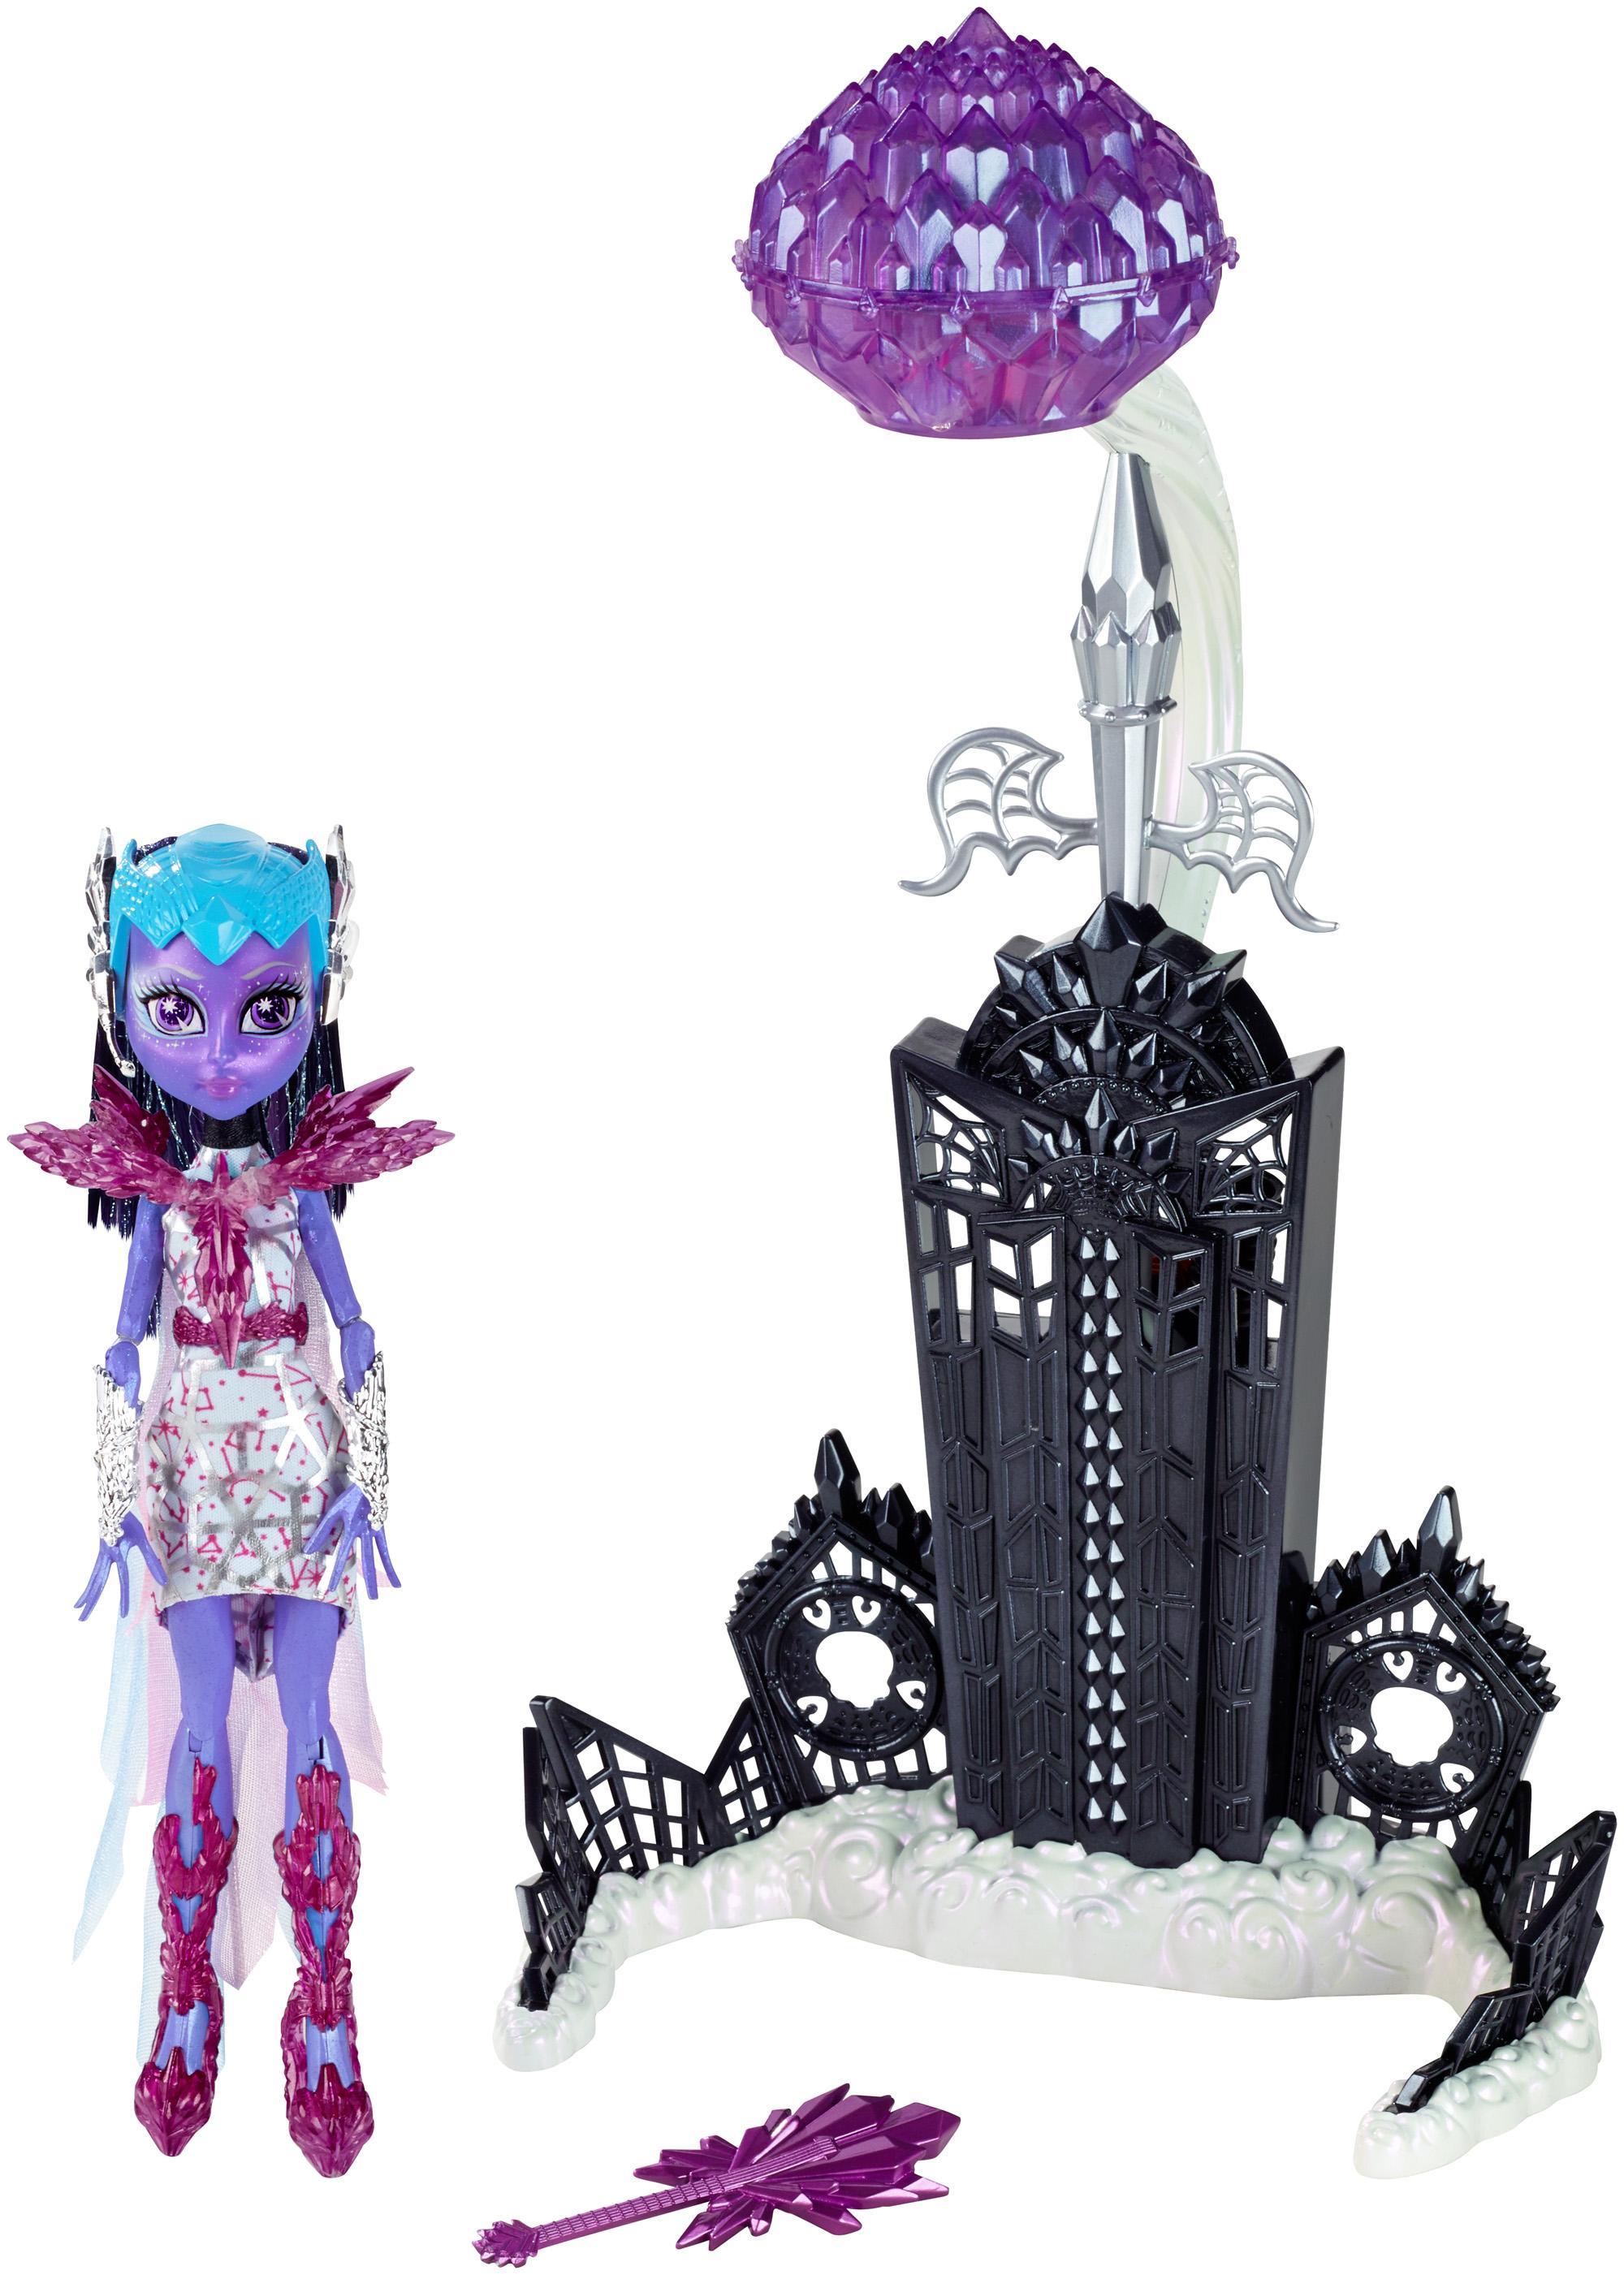 Ziemlich Monster High Malseite Galerie - Entry Level Resume Vorlagen ...